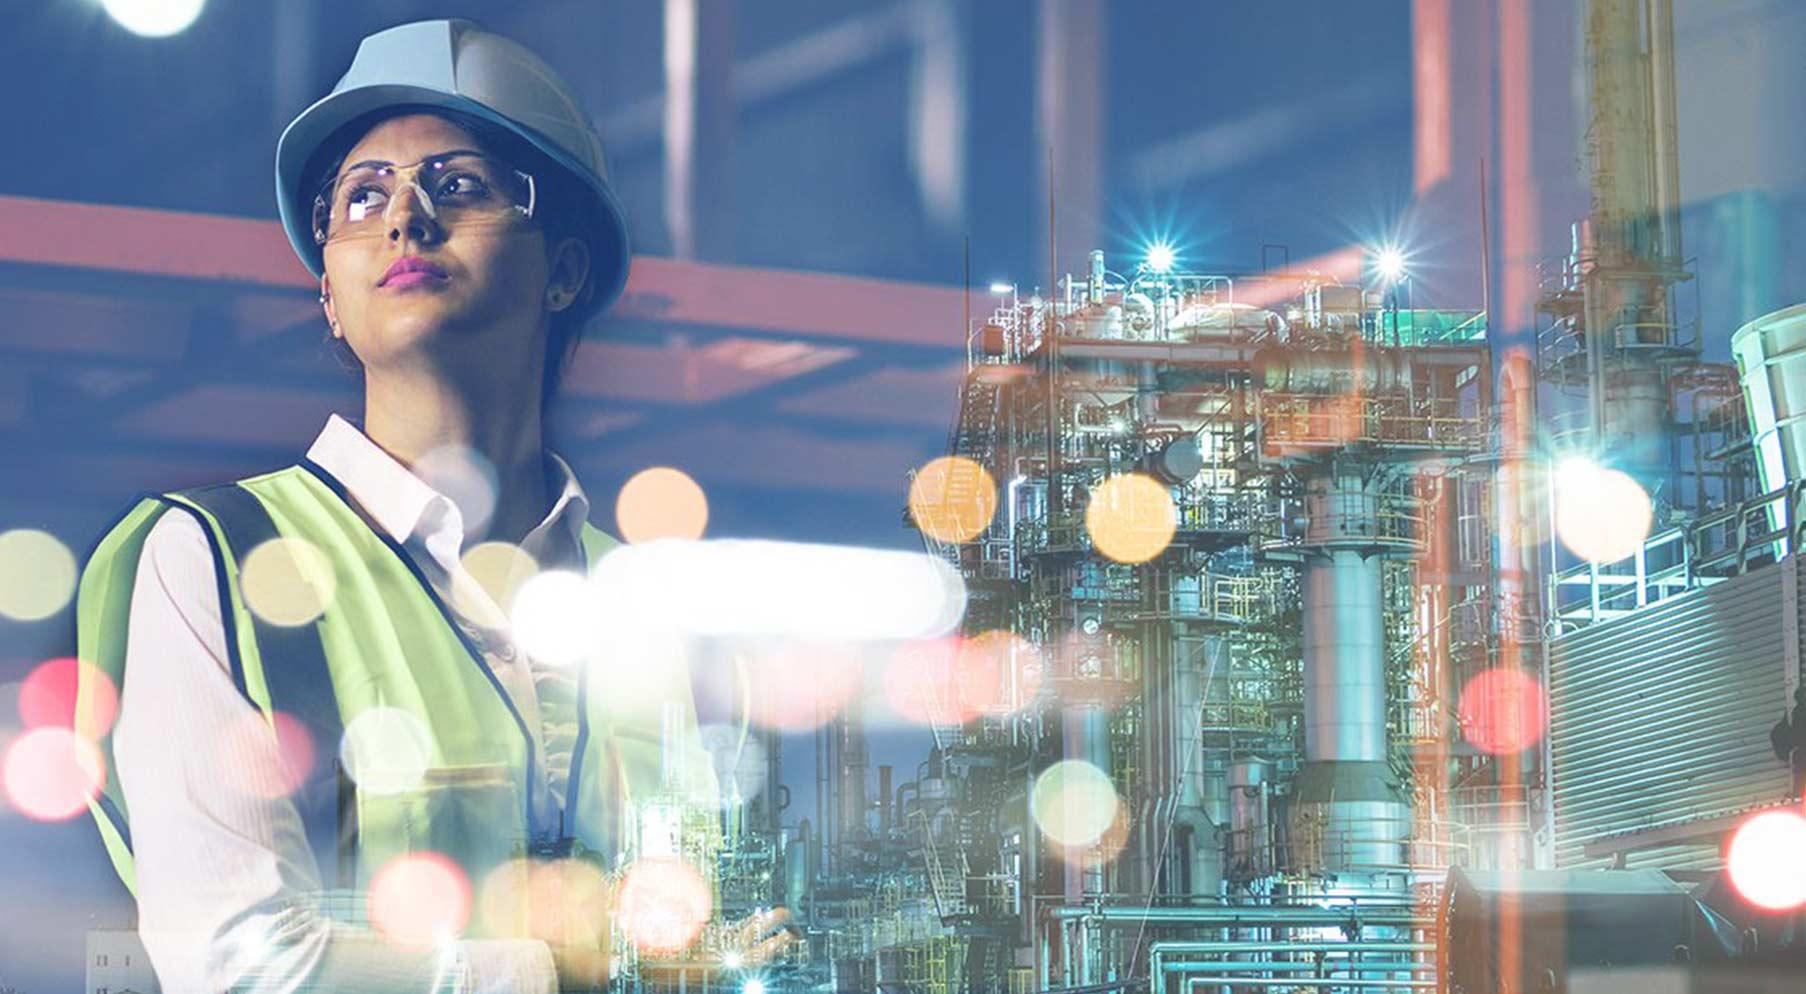 hur-kommer-arbetskraften-inom-tillverkningsindustrin-att-förändras